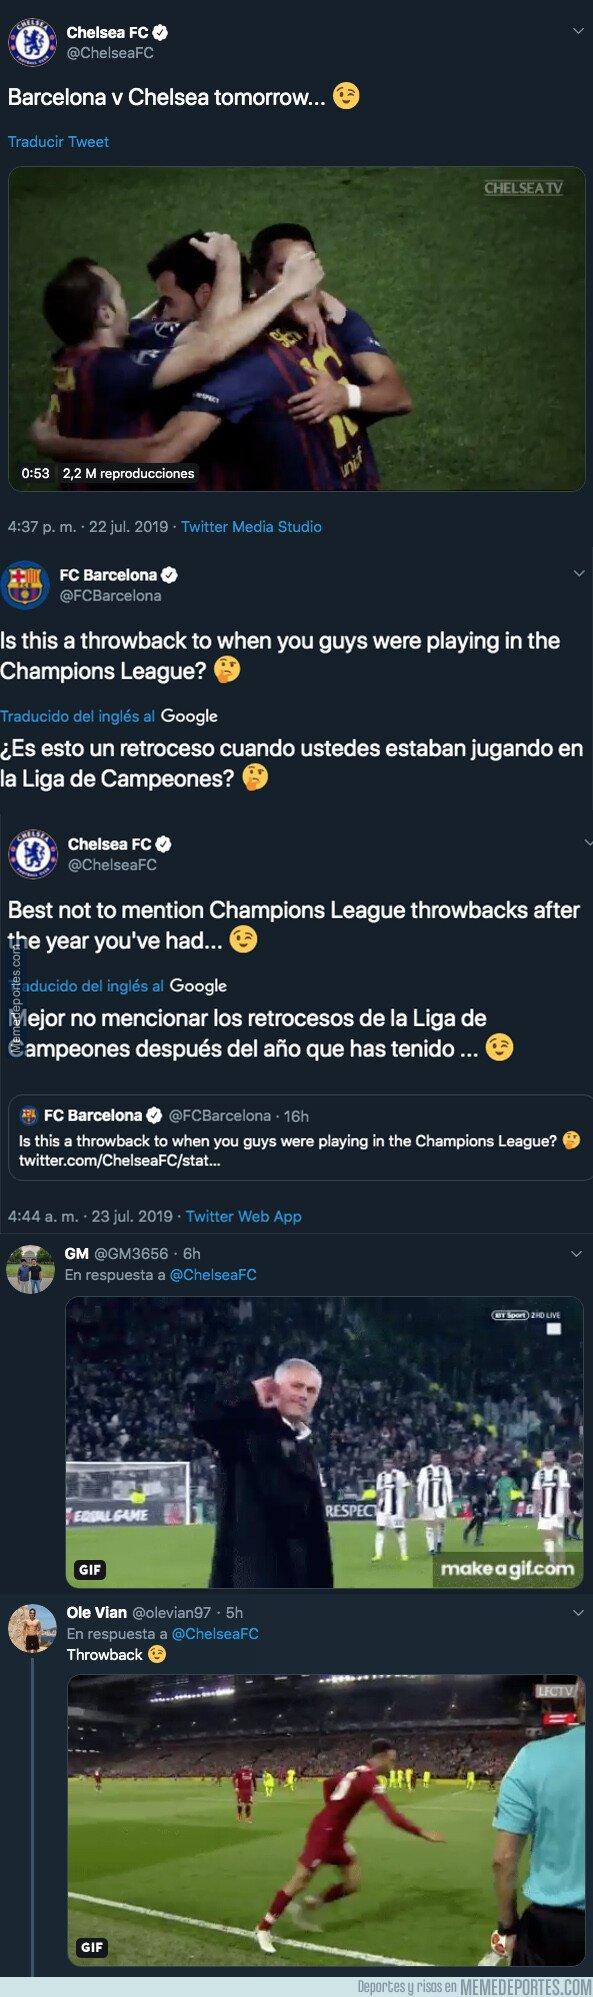 1081770 - Guerra descomunal de ZASCAS entre Chelsea y Barça por su participación en la Champions League